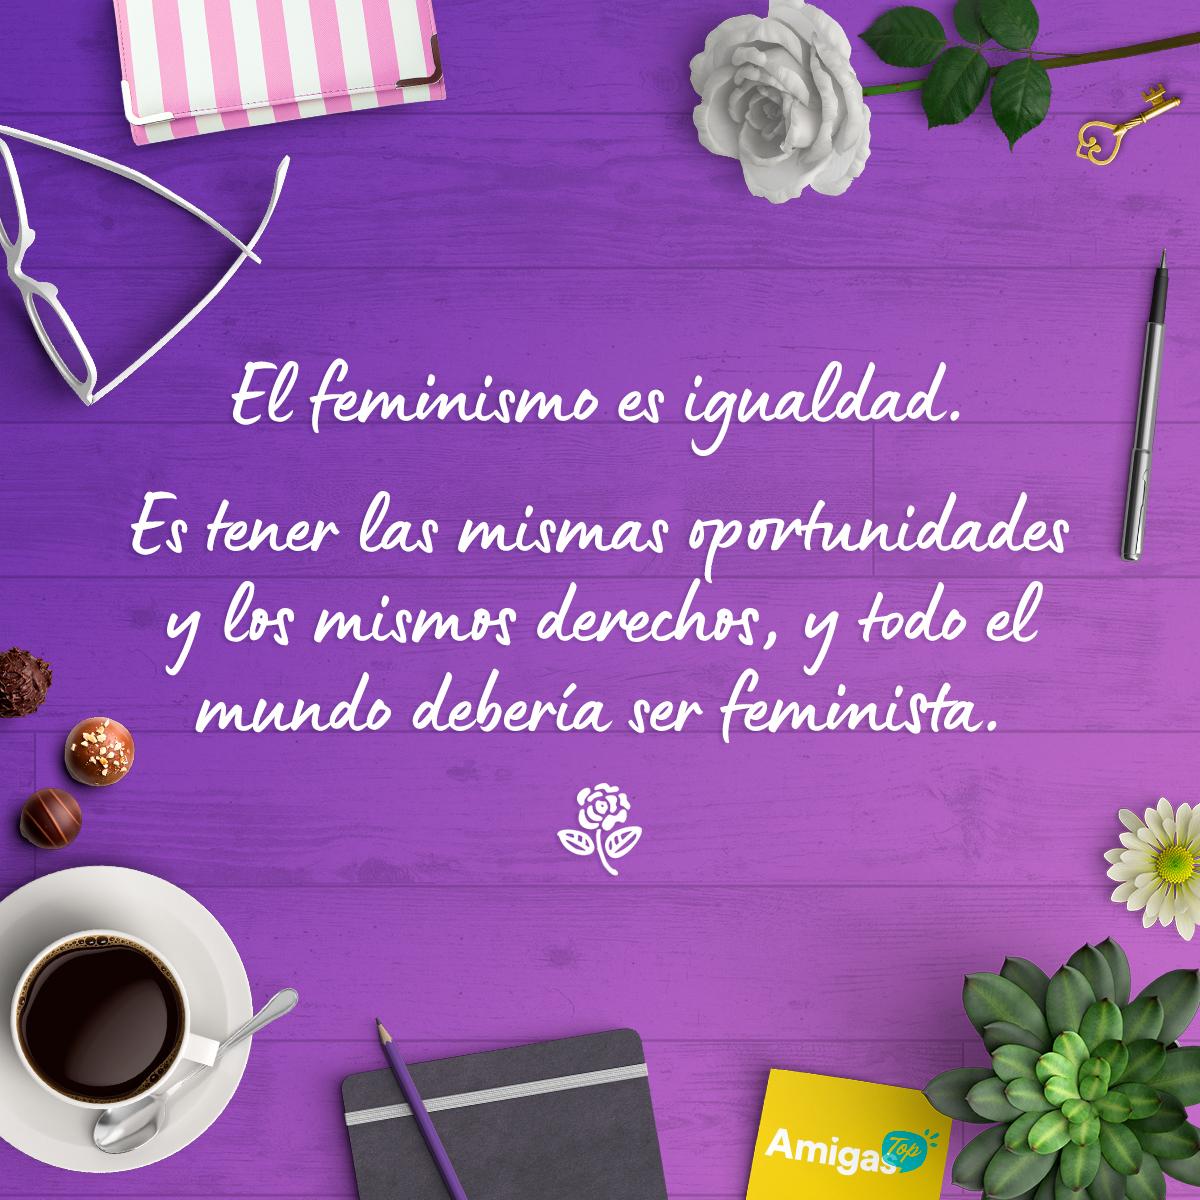 Frase bonita para el Día de la Mujer